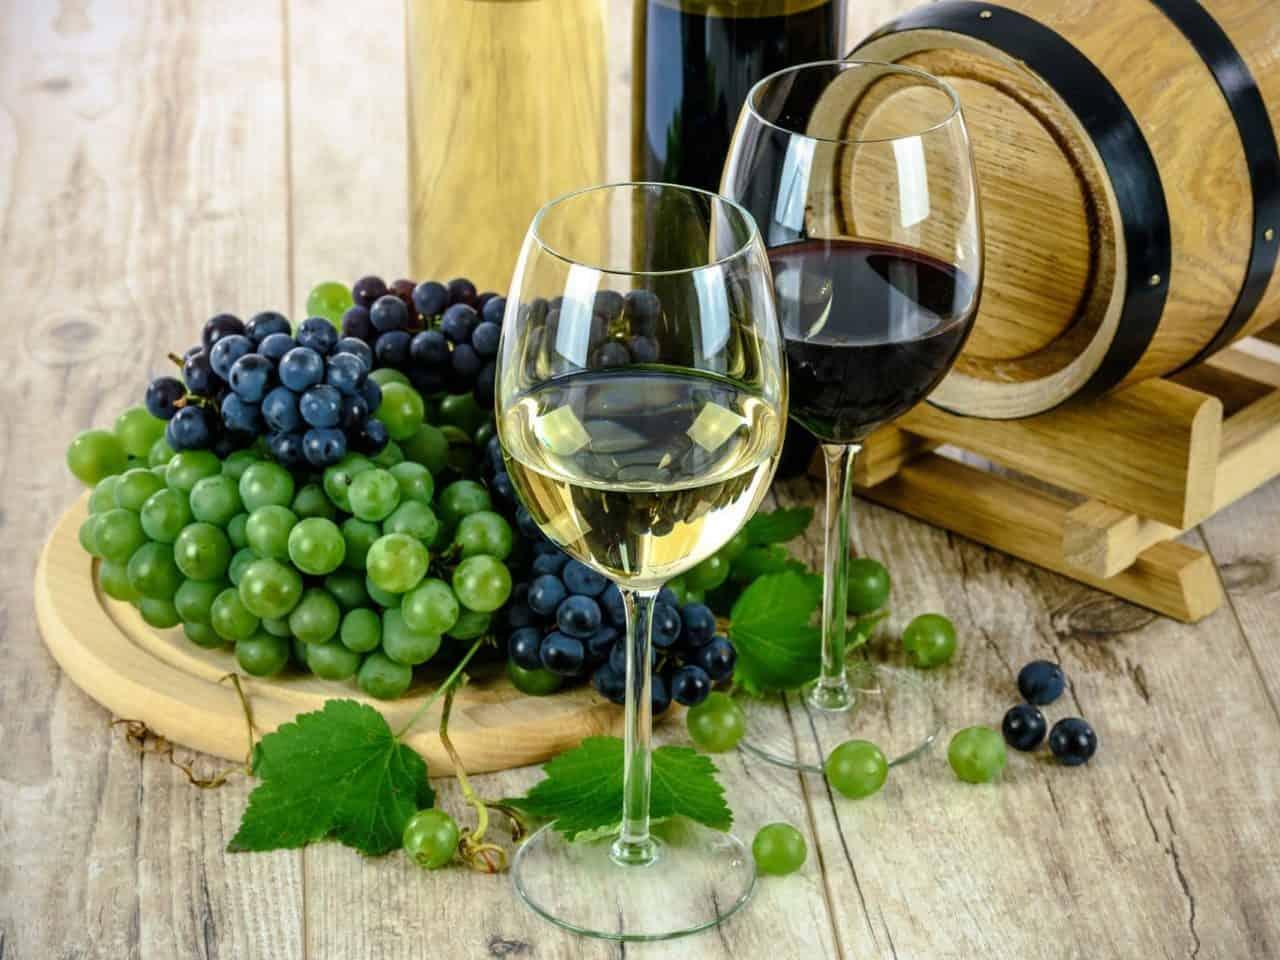 https://pr-helden.de/wp-content/uploads/2020/12/wine-1761613_1920-1280x960.jpg